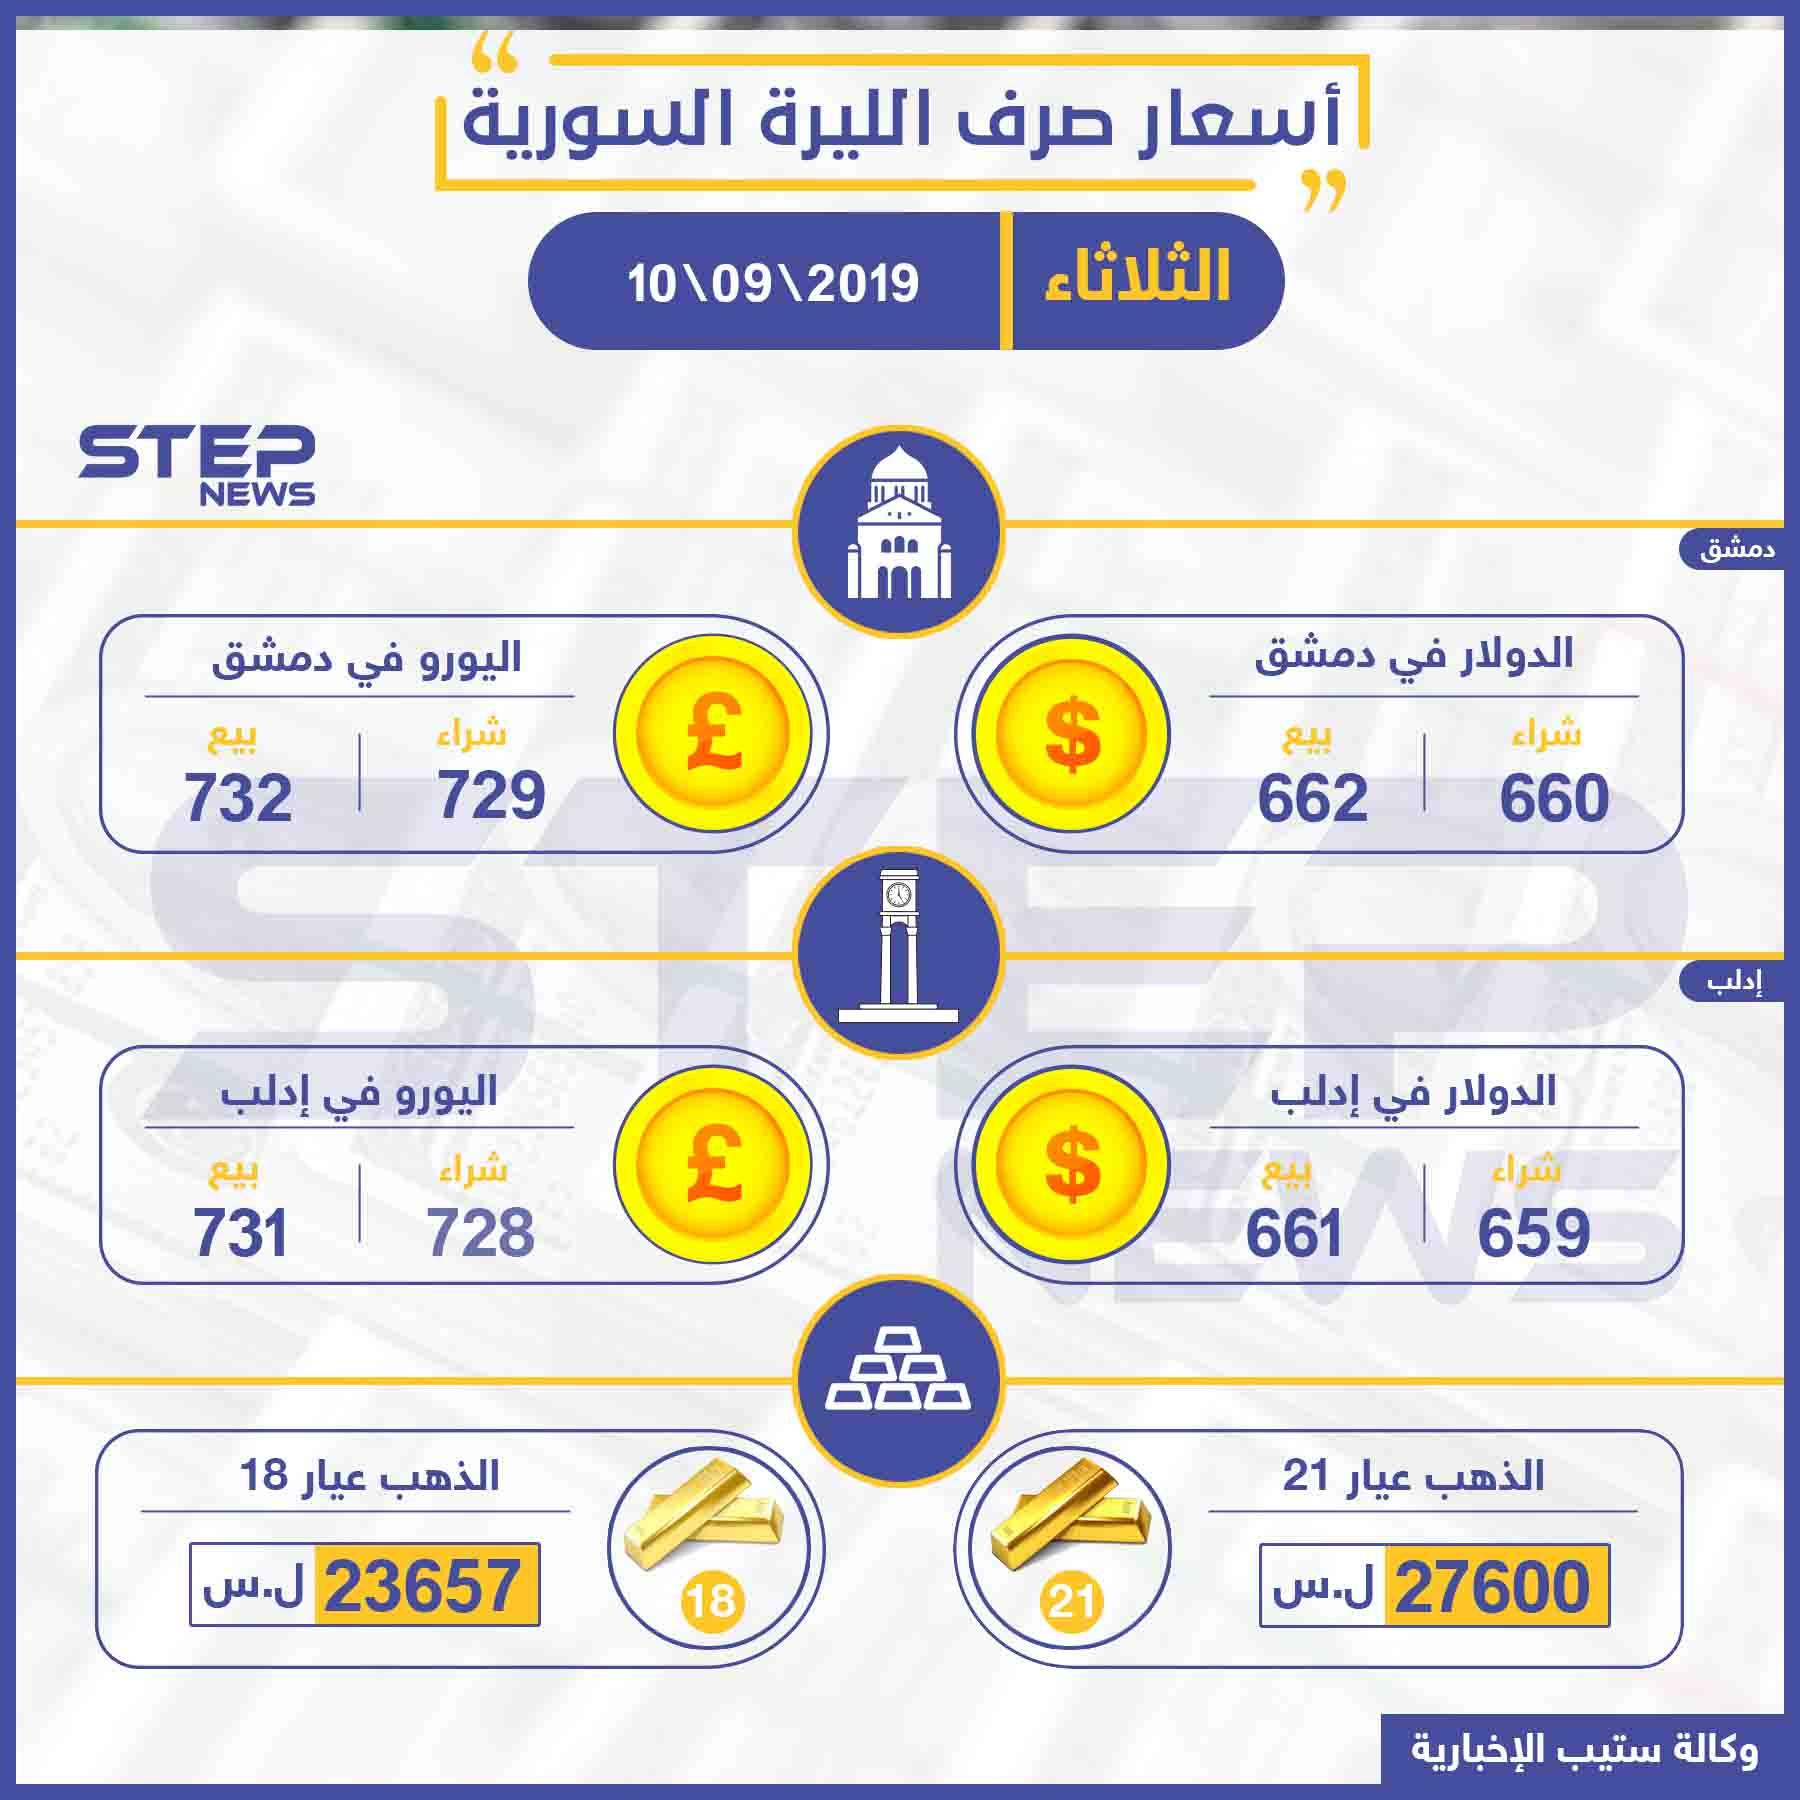 أسعار الذهب والعملات في سوريا اليوم 10-09-2019